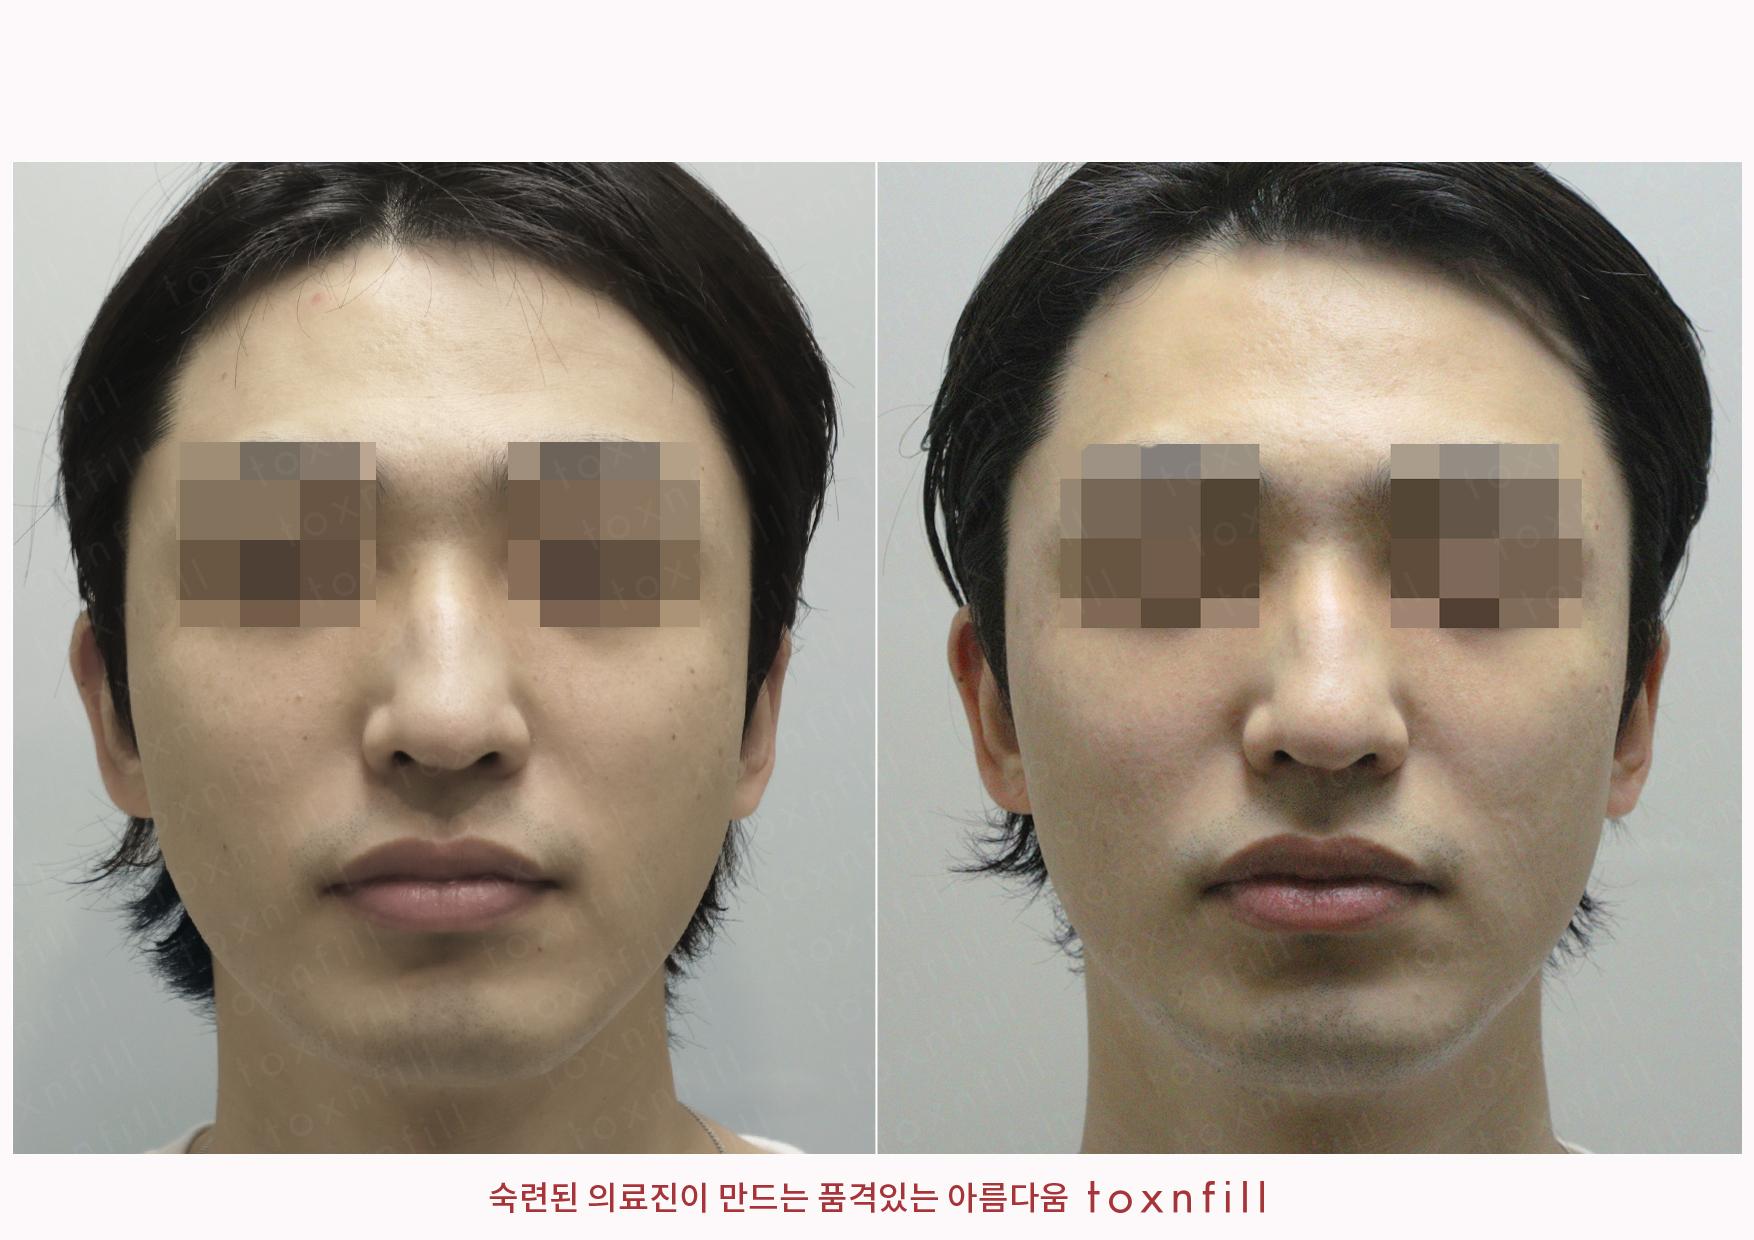 올인원(피부) 시술전후